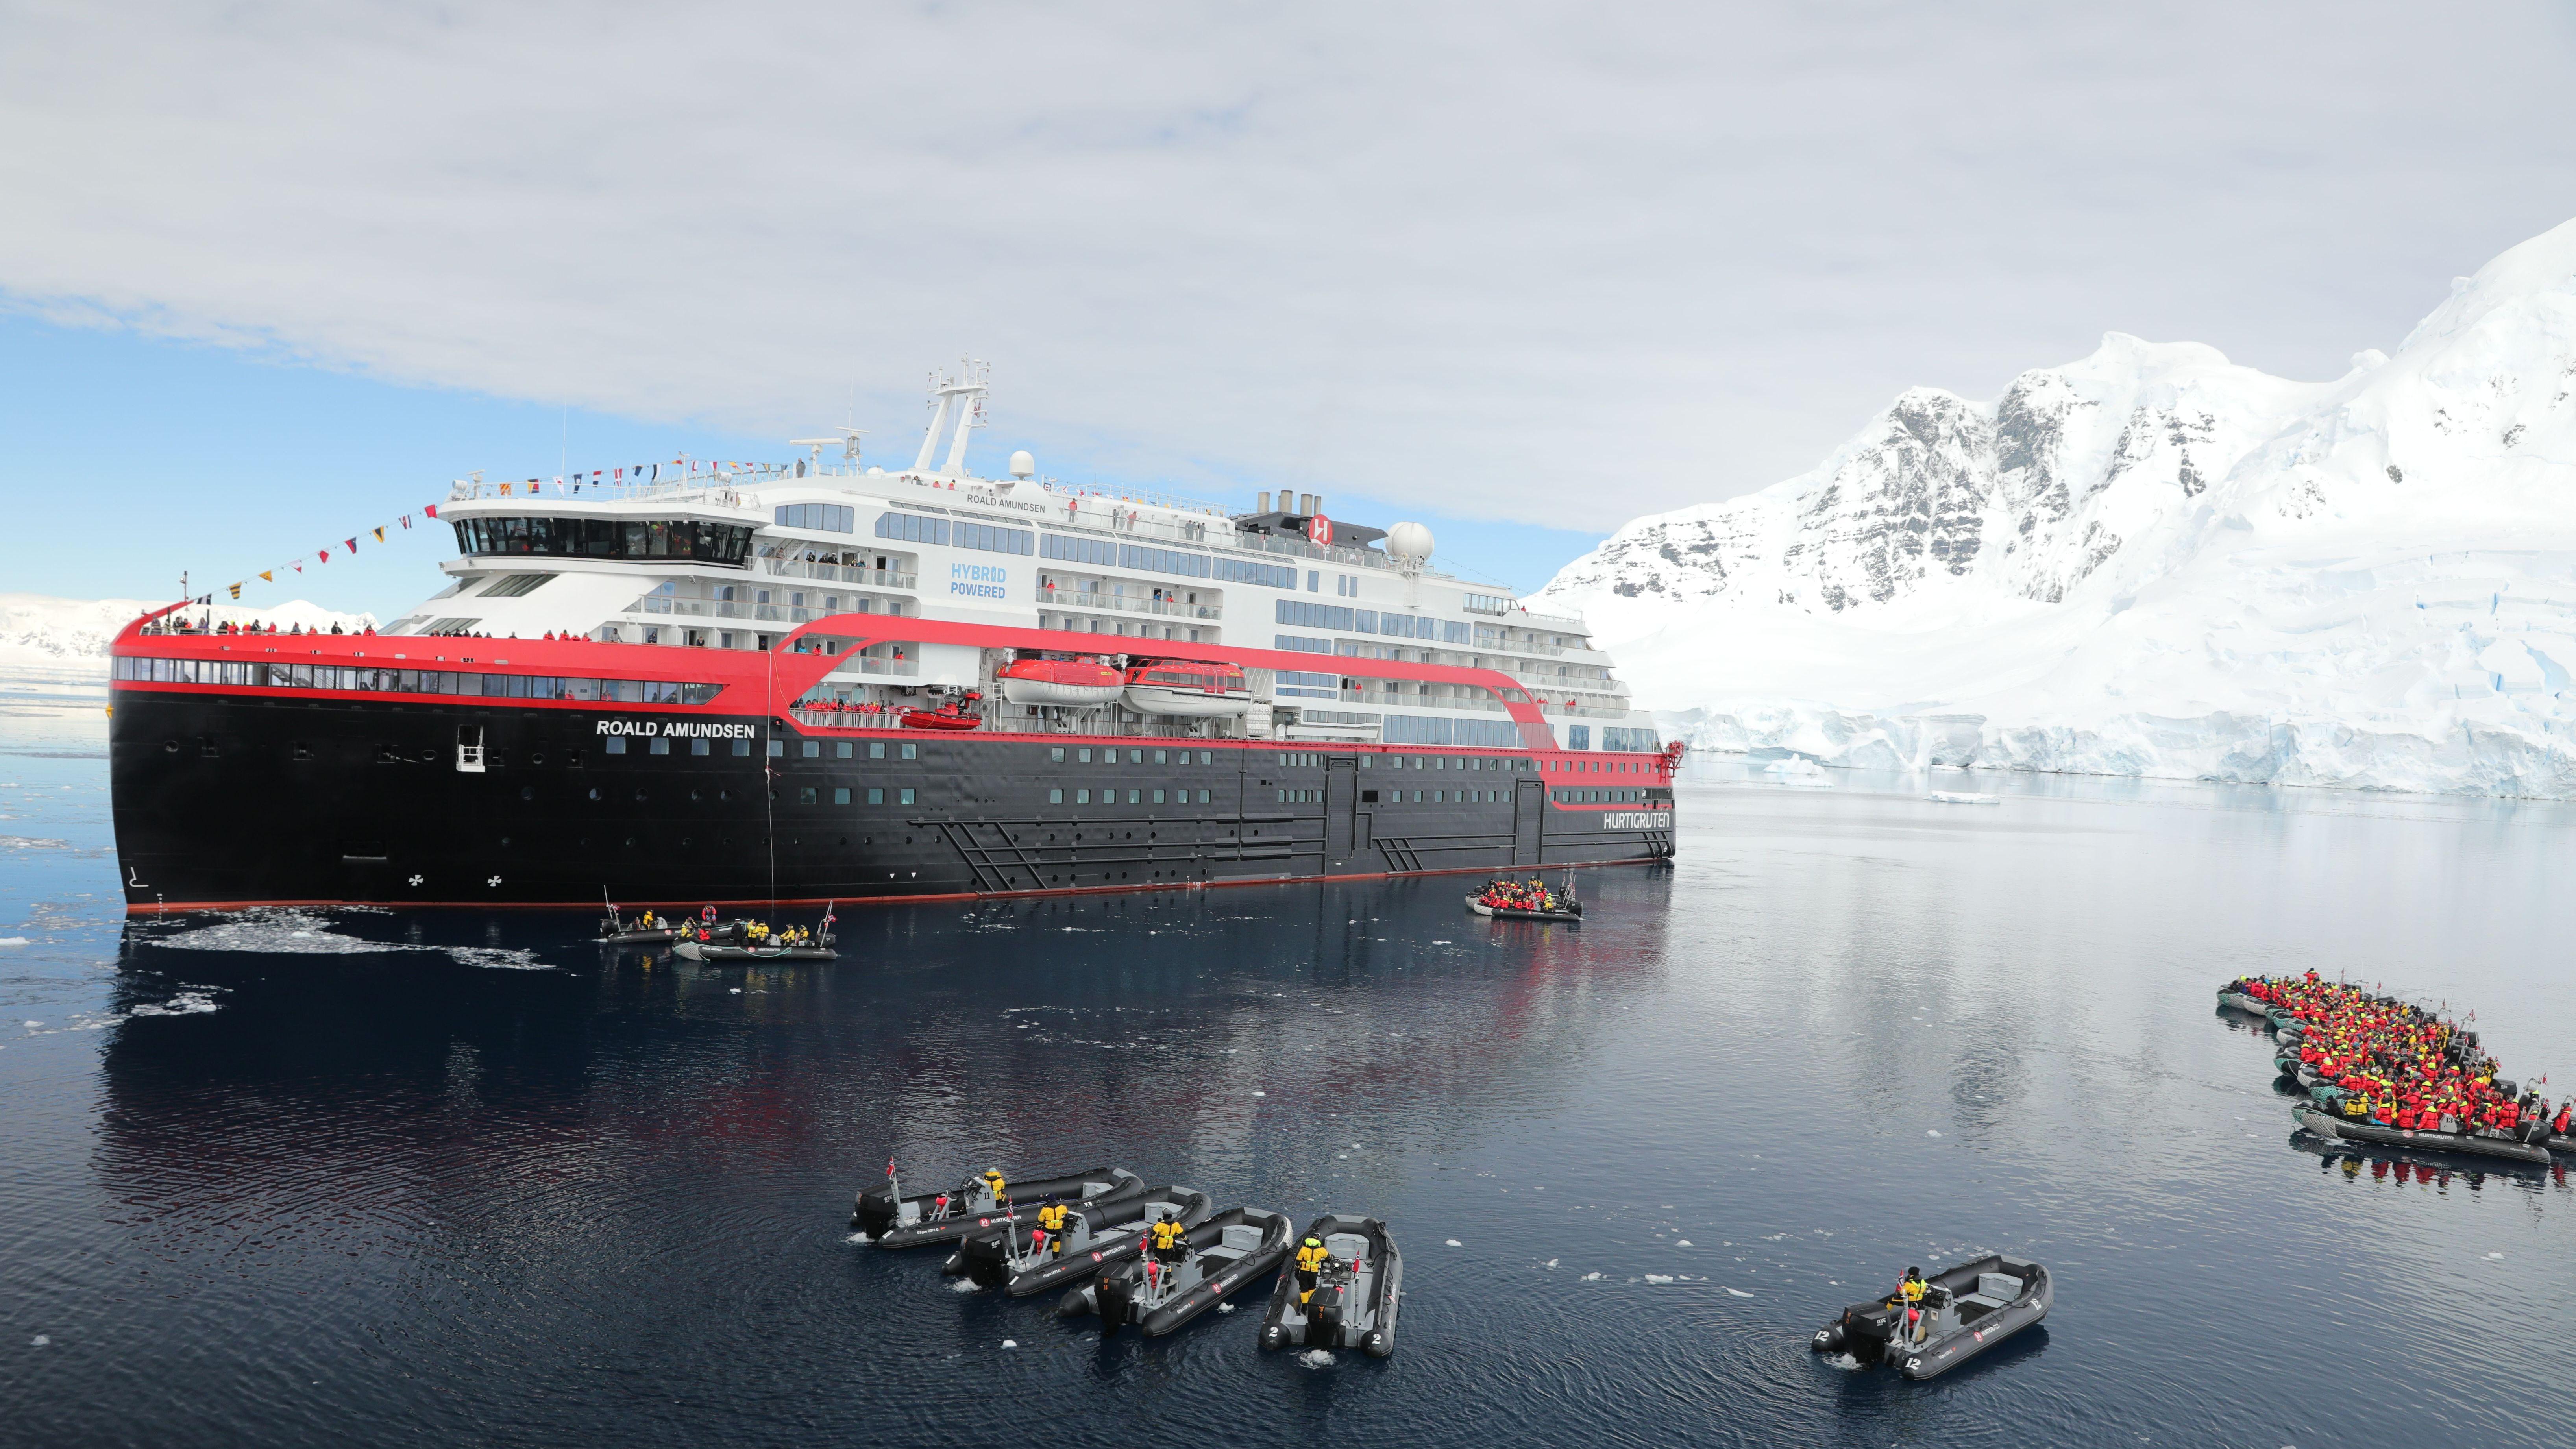 Zeremonie: Die Roald Amundsen wurde in Antarktis getauft - fvw Blog - Touristik für Fortgeschrittene